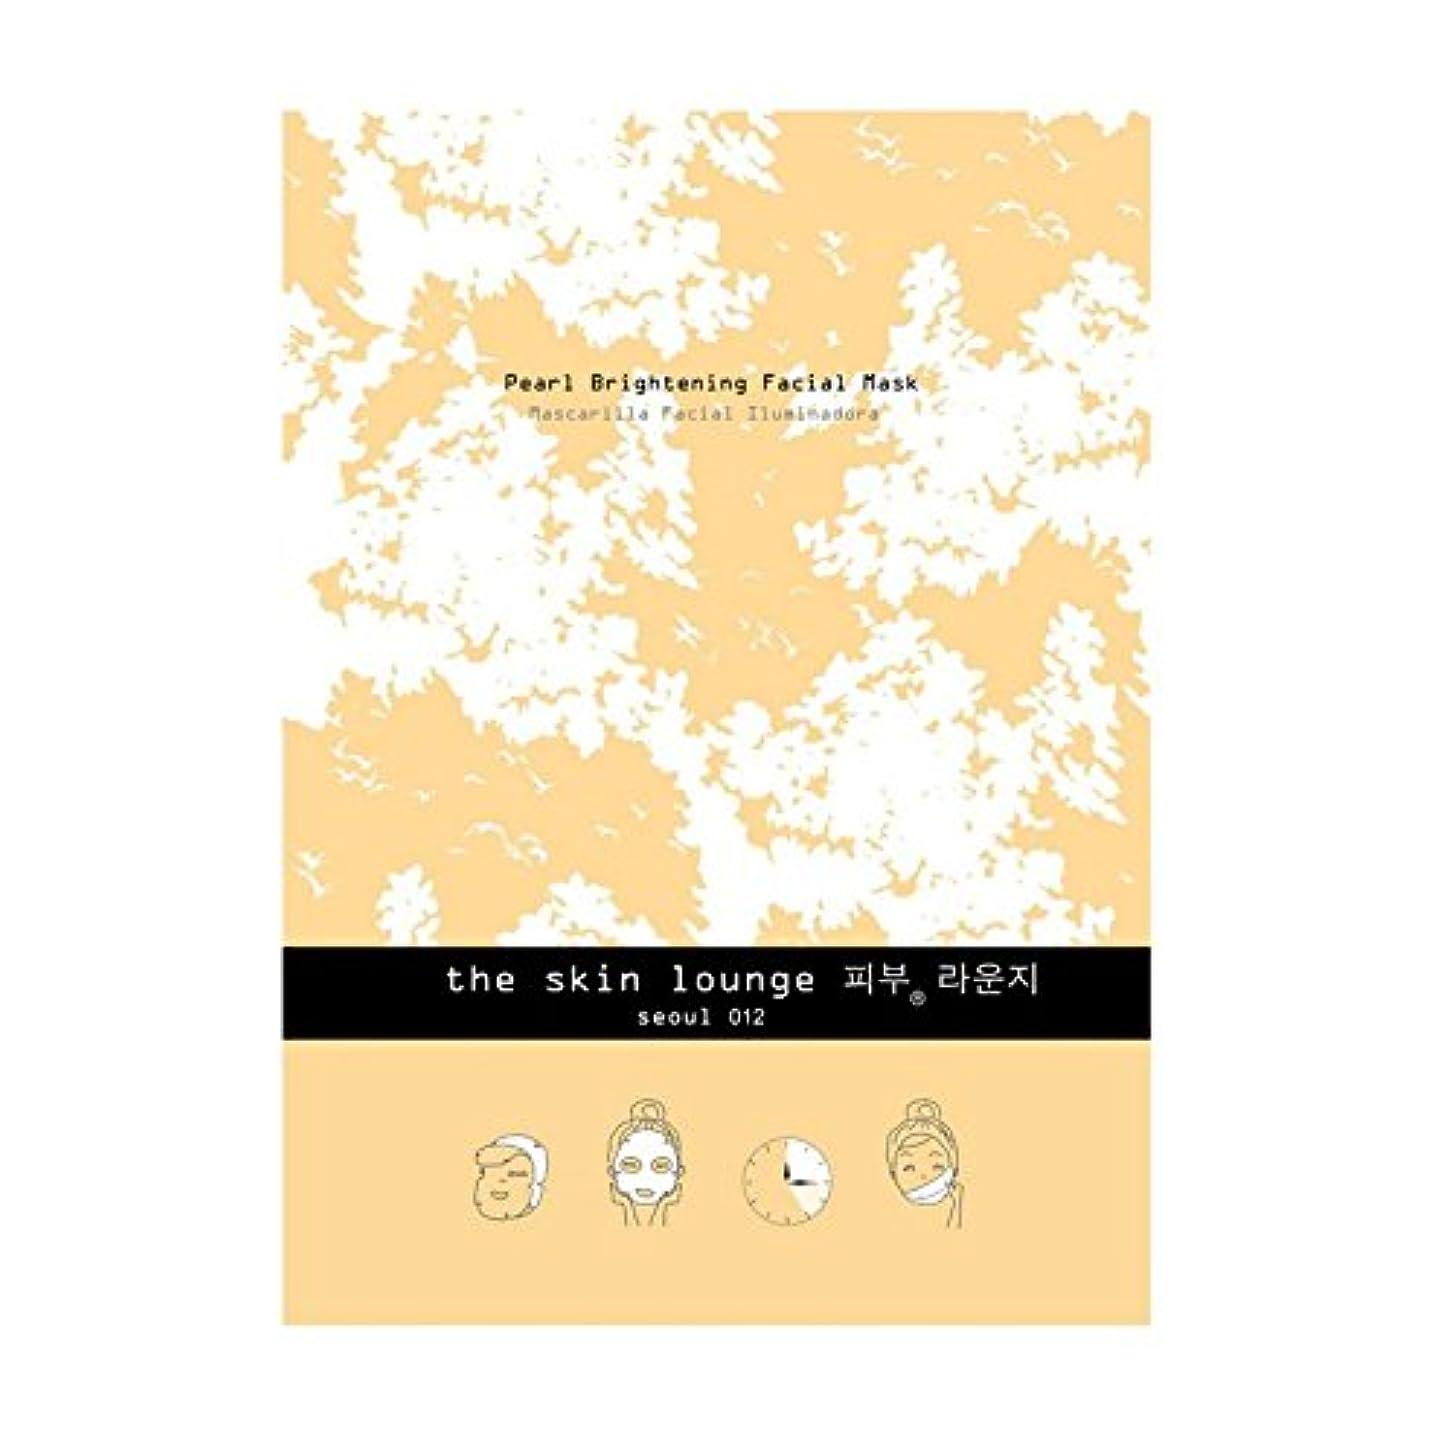 不満無臭食欲単一セルロースマスクを明るく皮膚ラウンジ真珠 x4 - The Skin Lounge Pearl Brightening Single Cellulose Mask (Pack of 4) [並行輸入品]